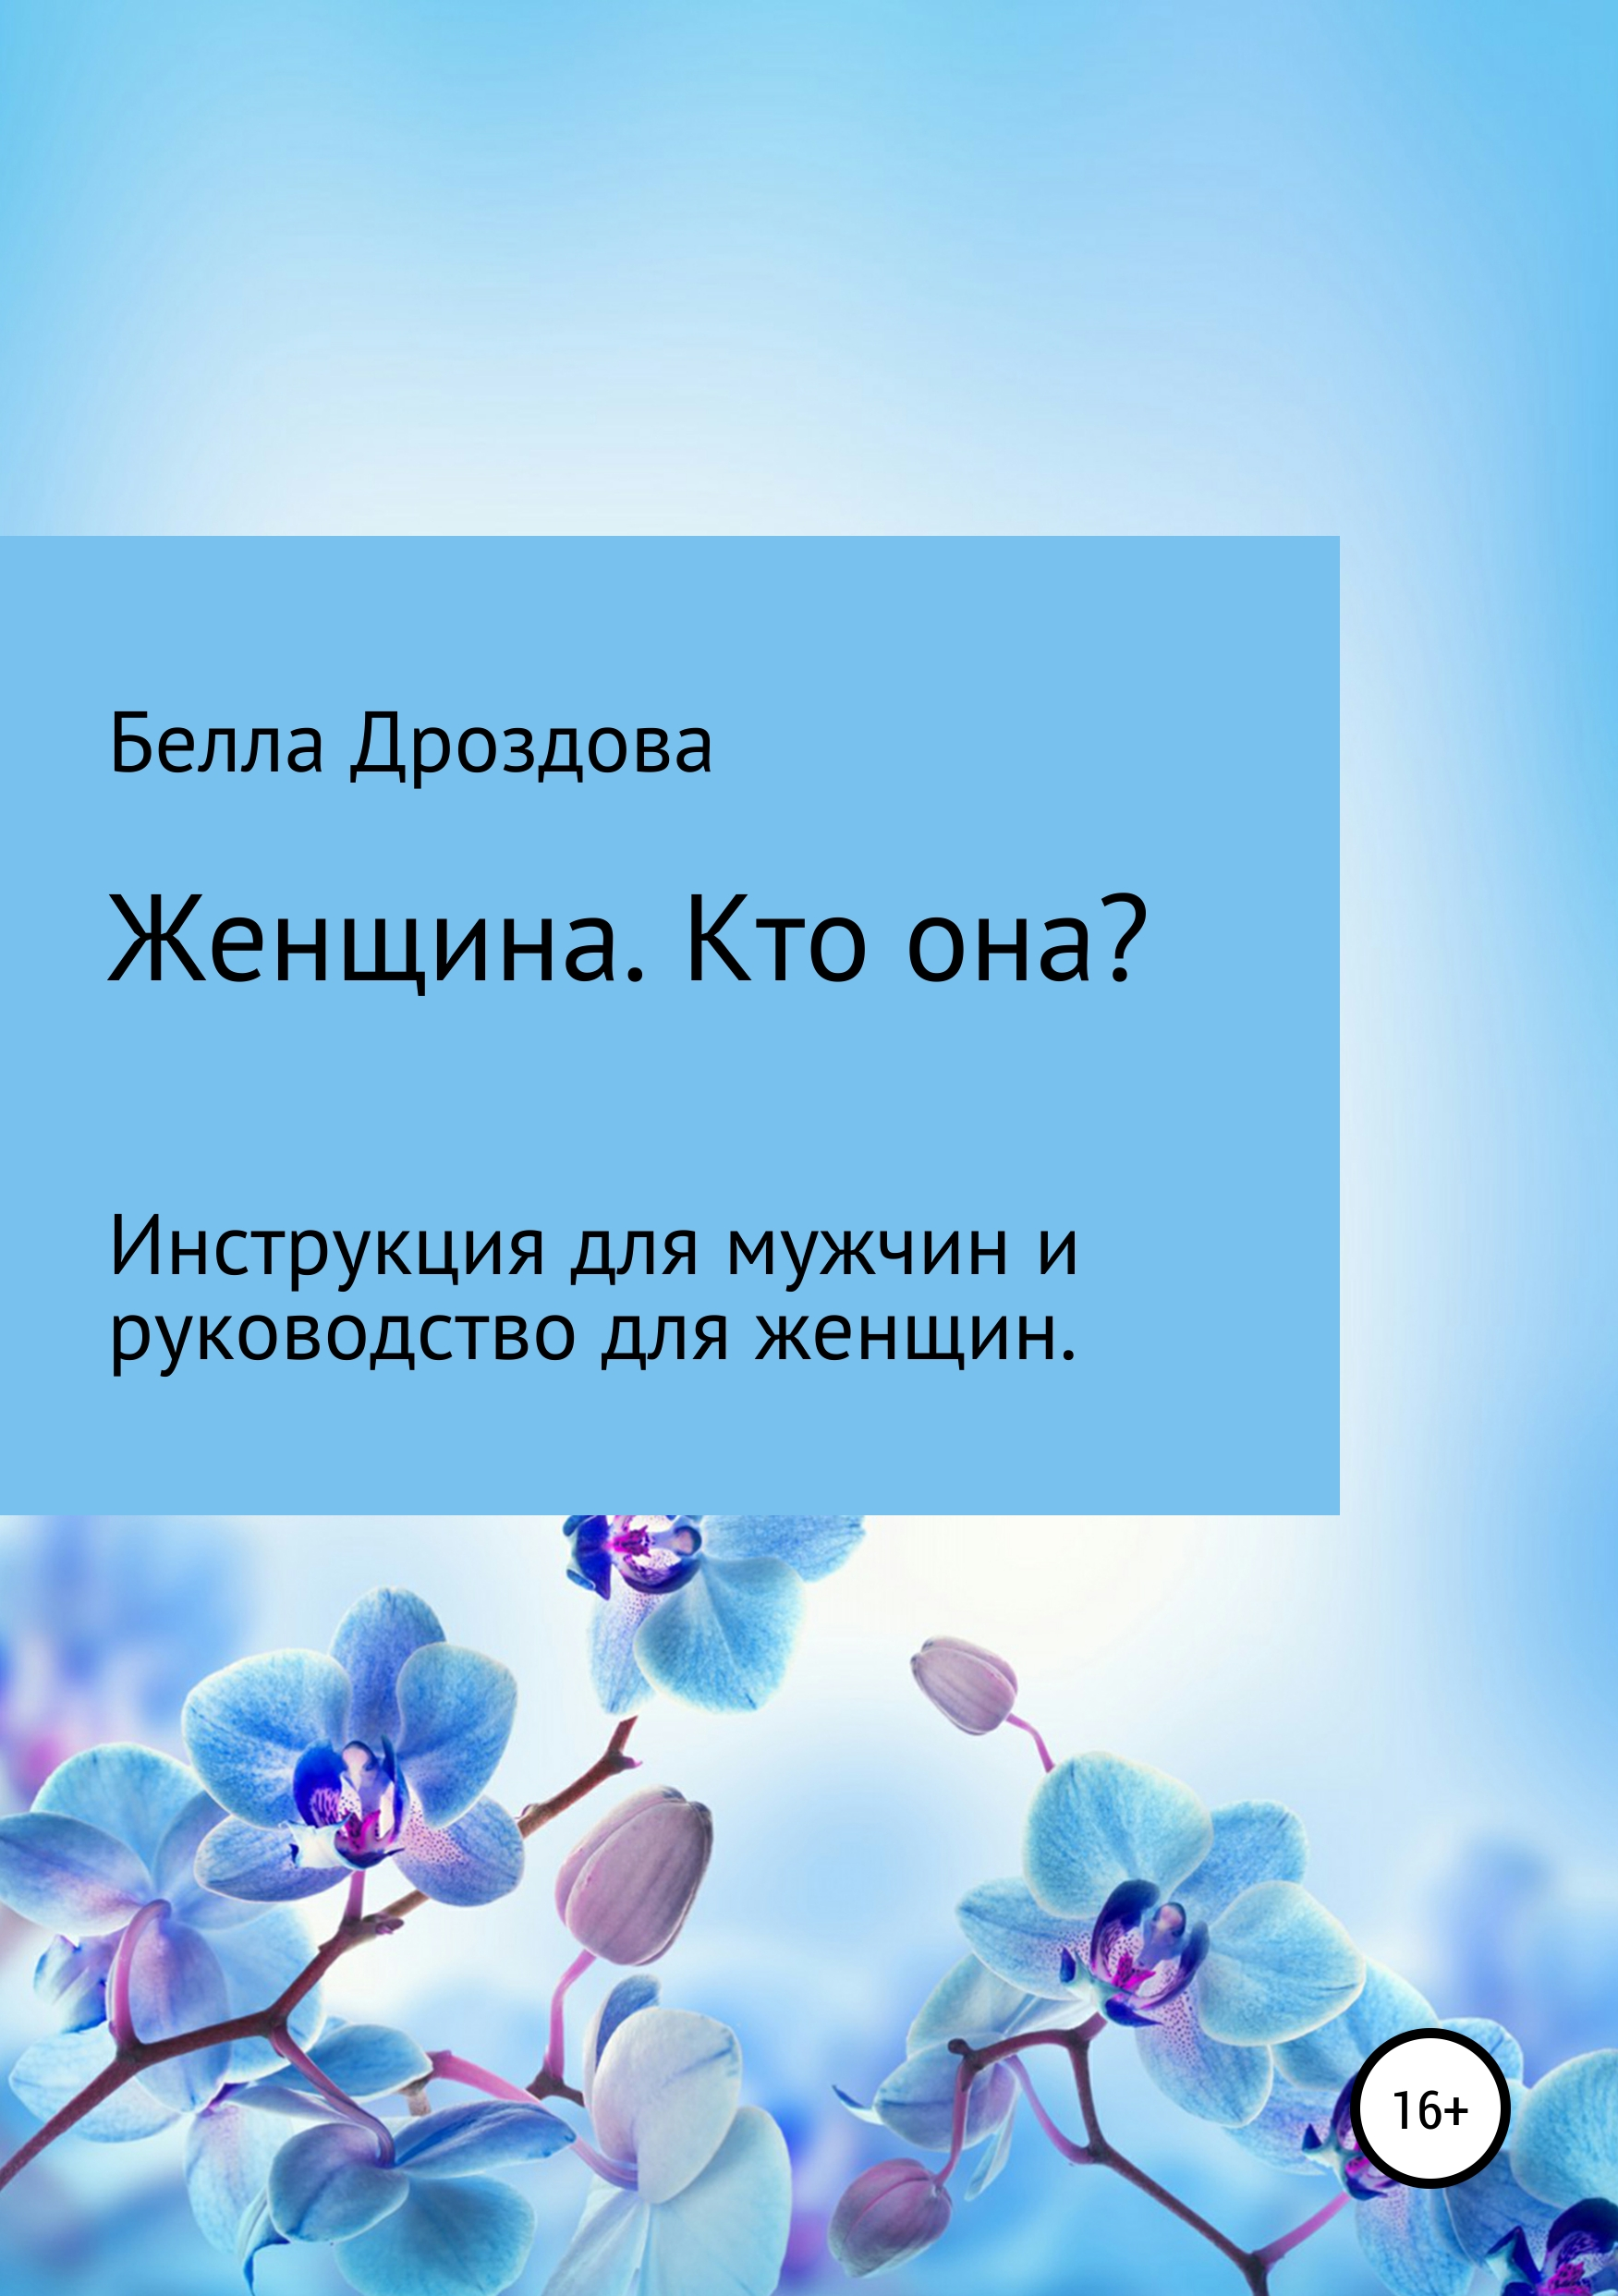 Электронная книга «Женщина. Кто она? Инструкция для мужчин и руководство для женщин.» – Белла Дроздова